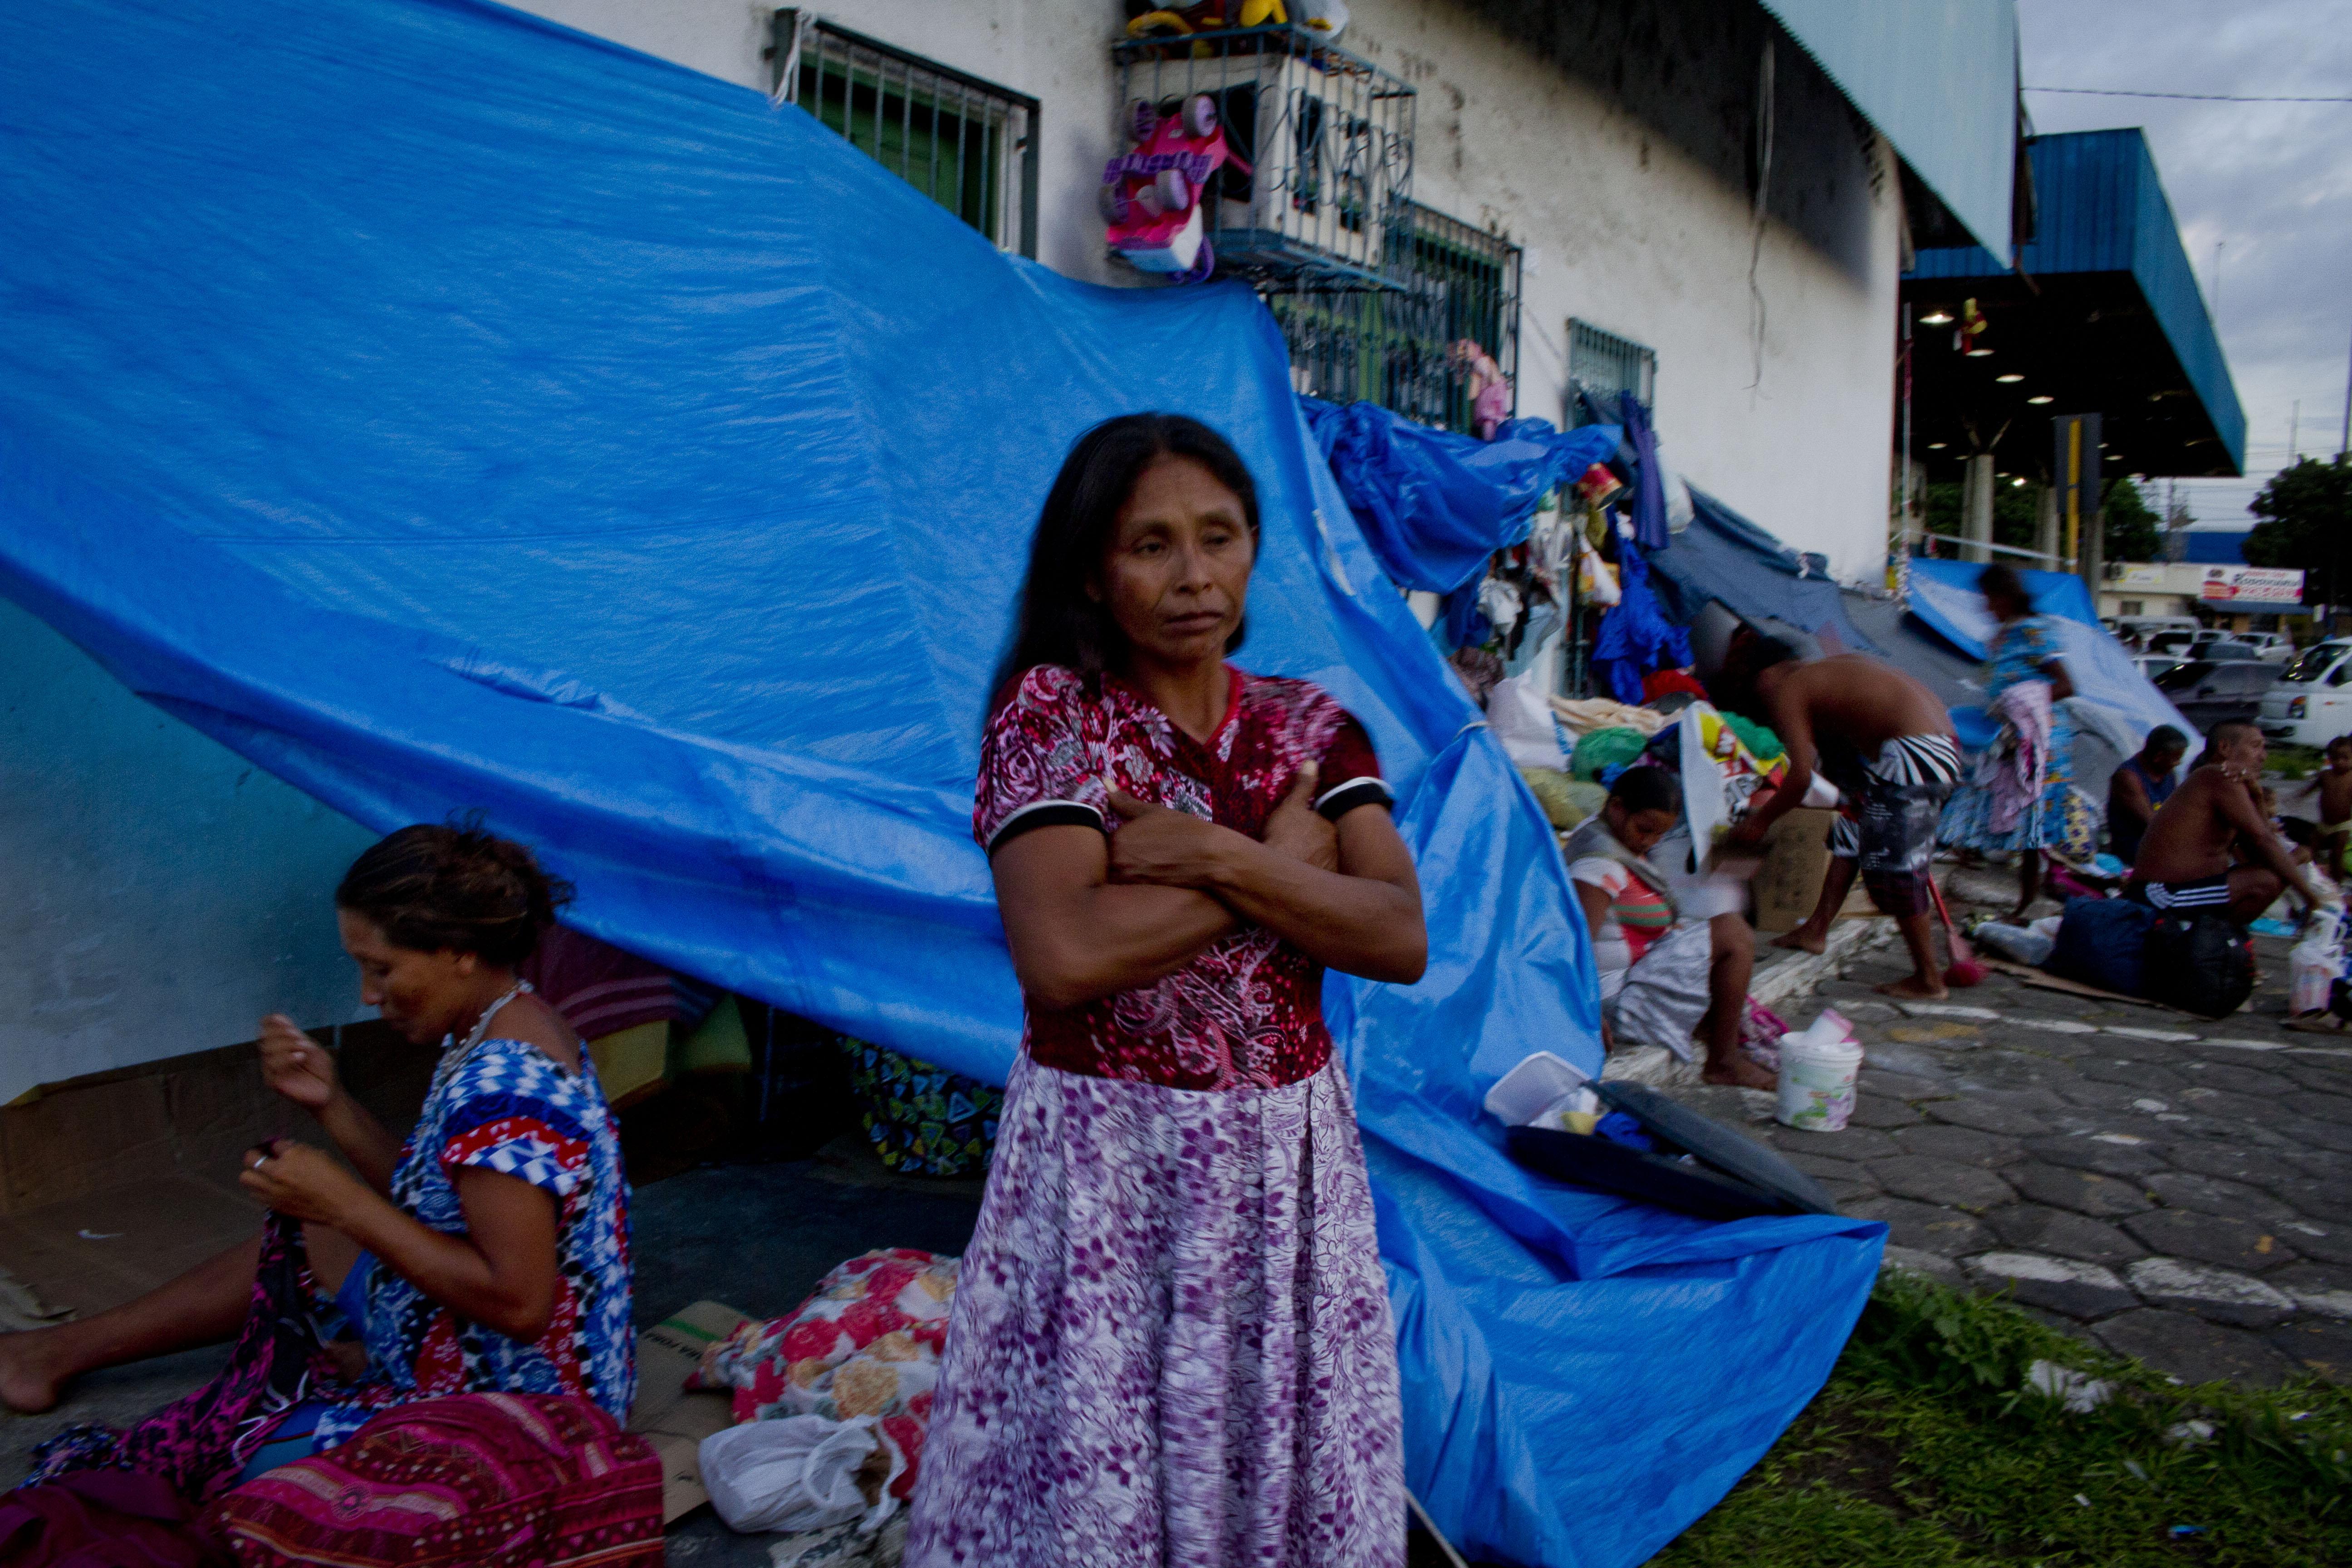 Em busca de comida, mais de 100 índios venezuelanos Warao migram para Manaus